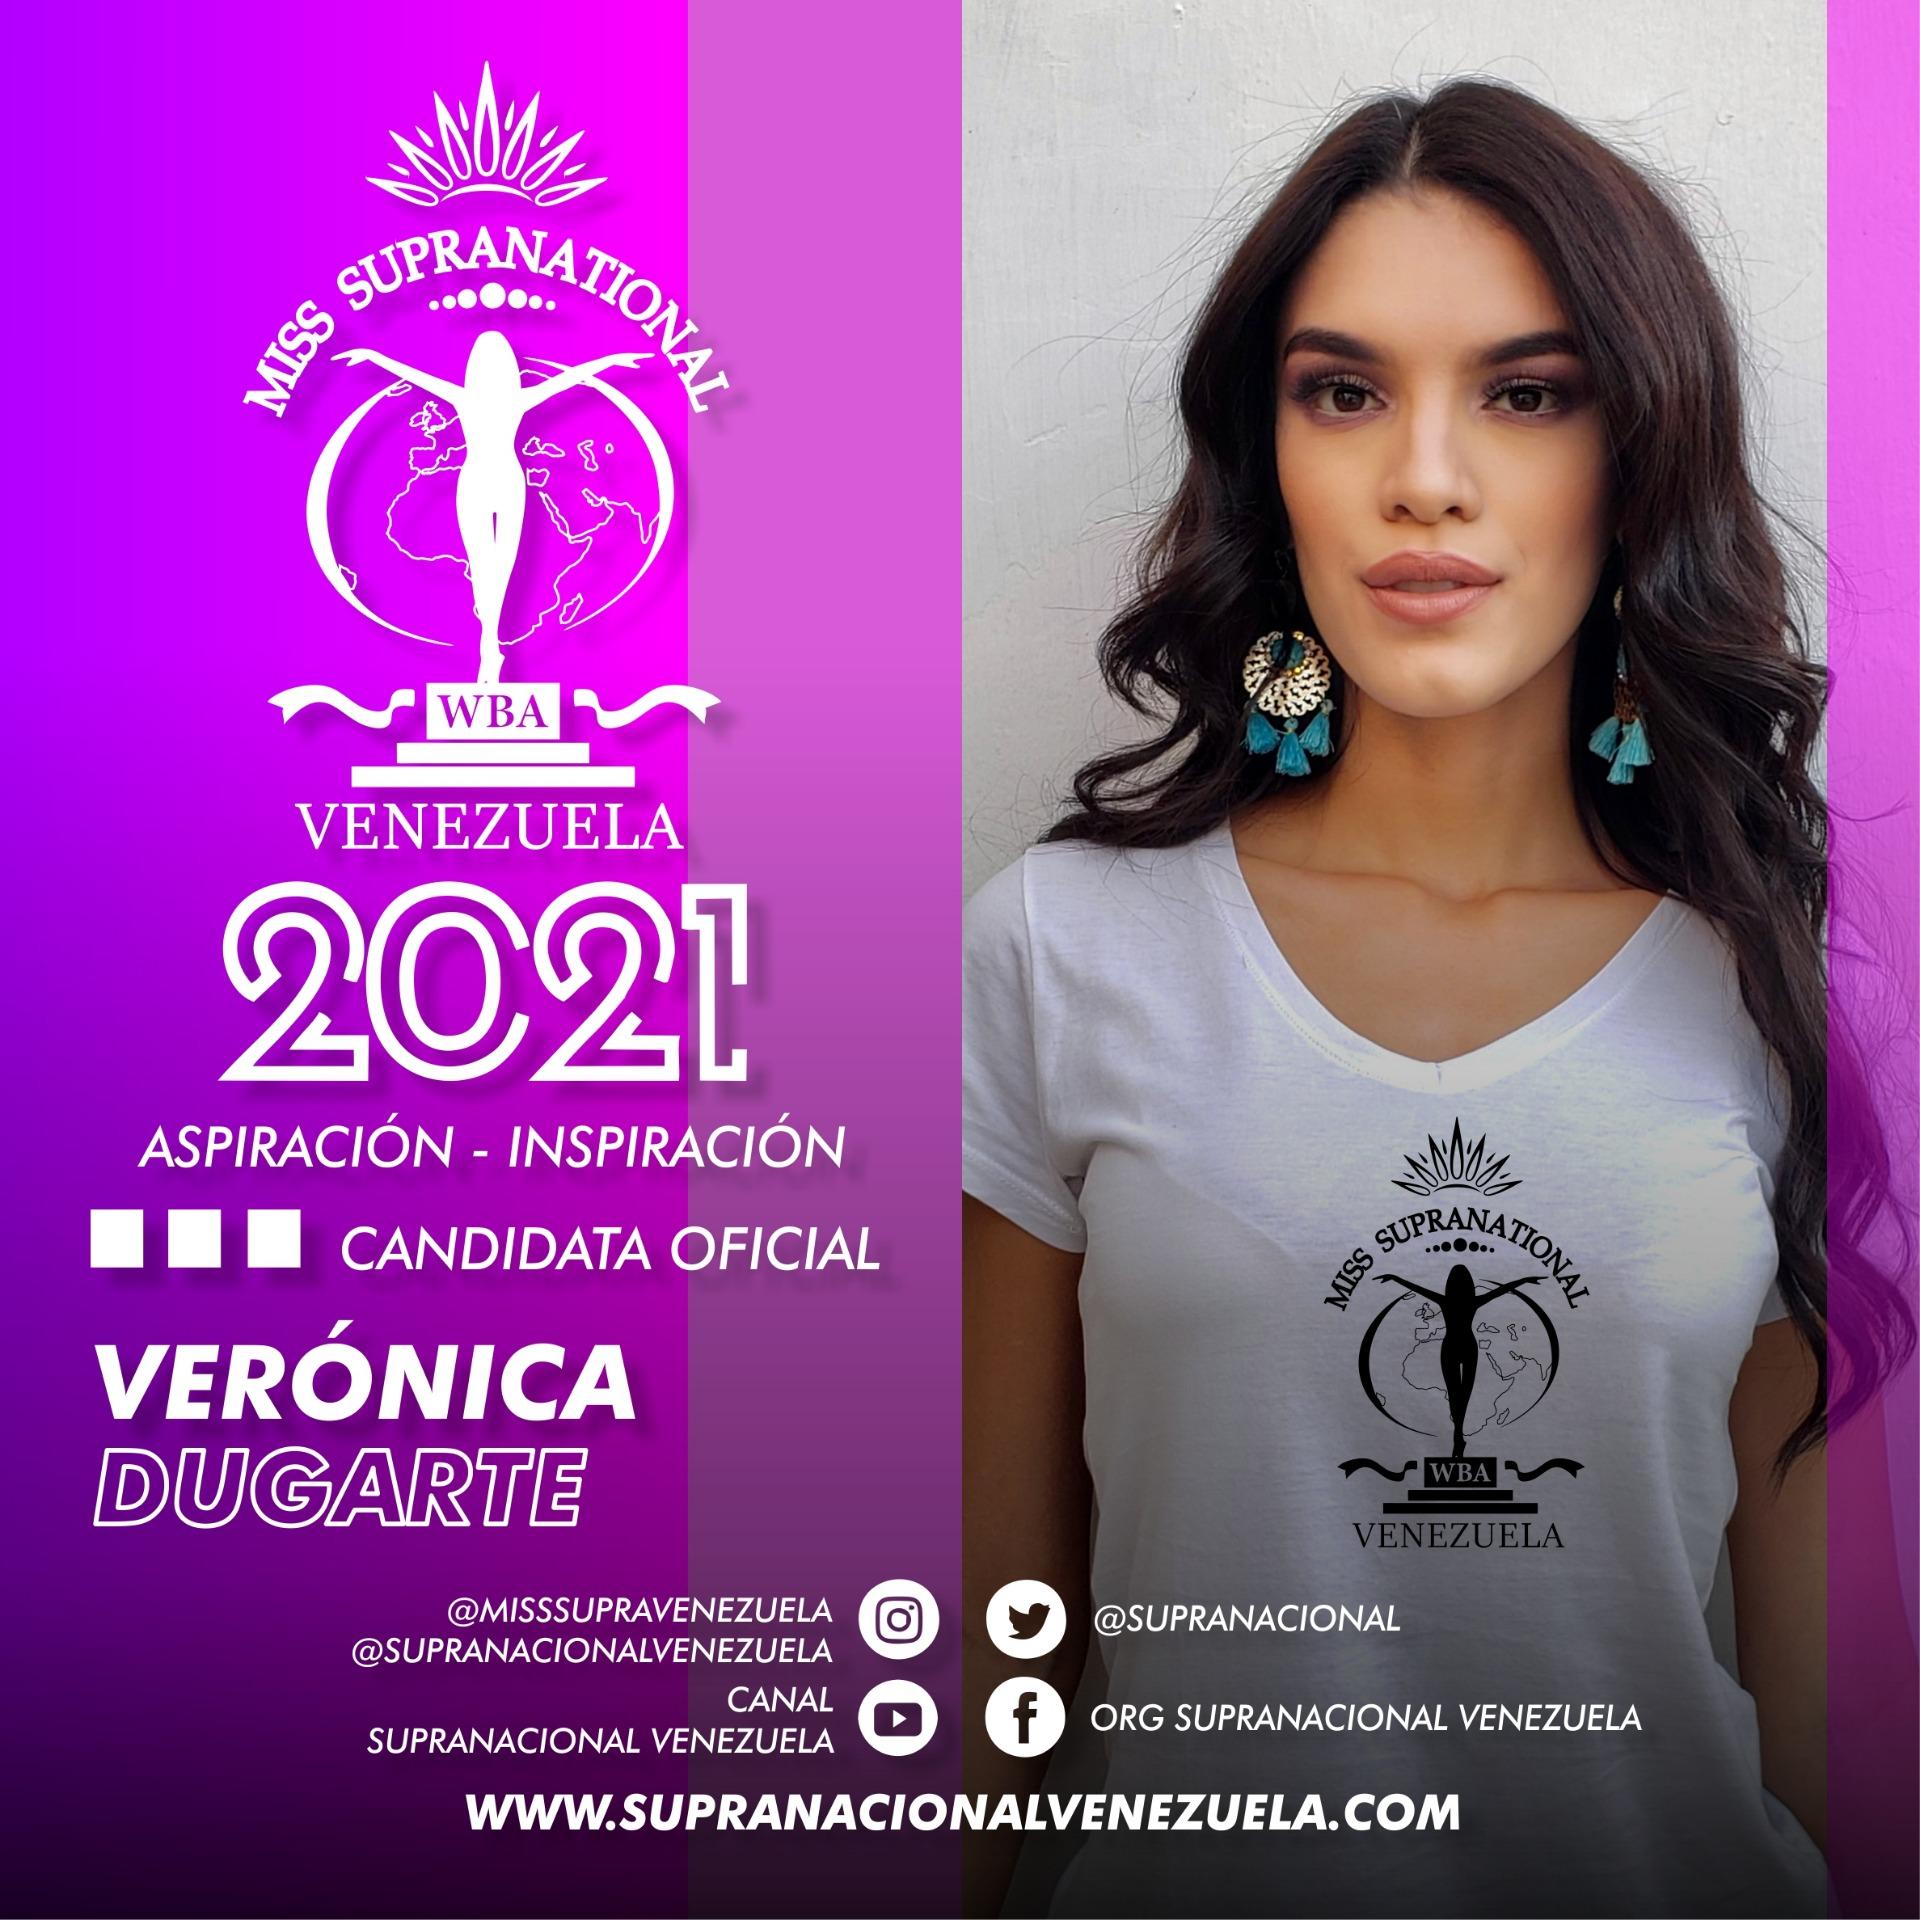 Verónica Dugarte